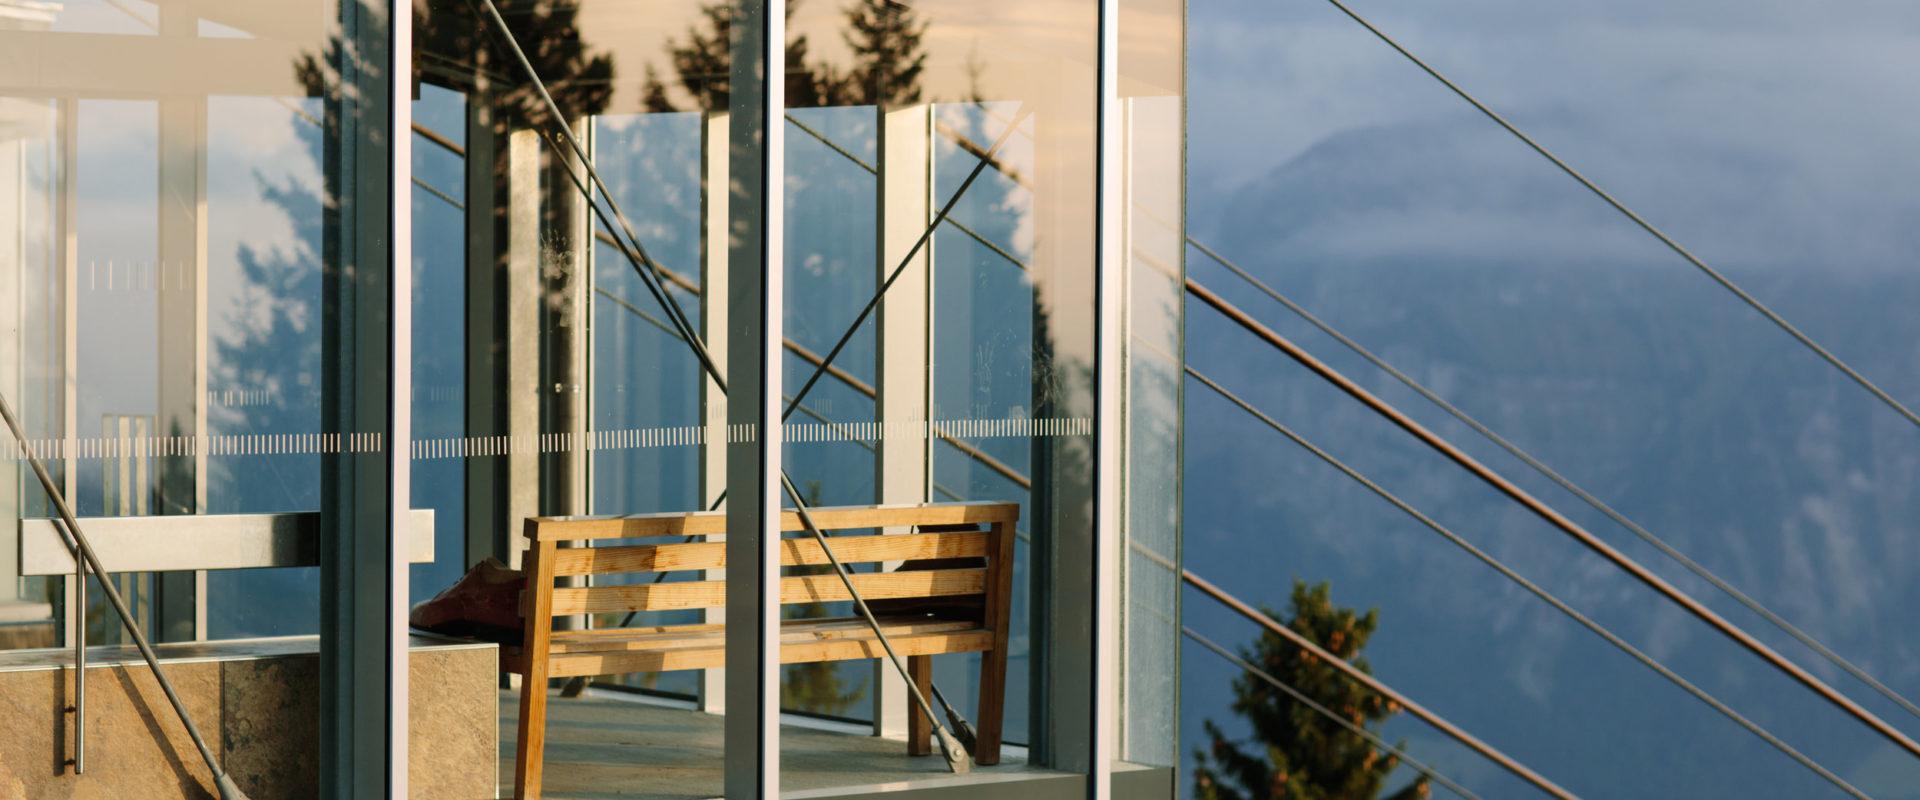 Seilbahn Bezau Bergstation © Ian Ehm undefined